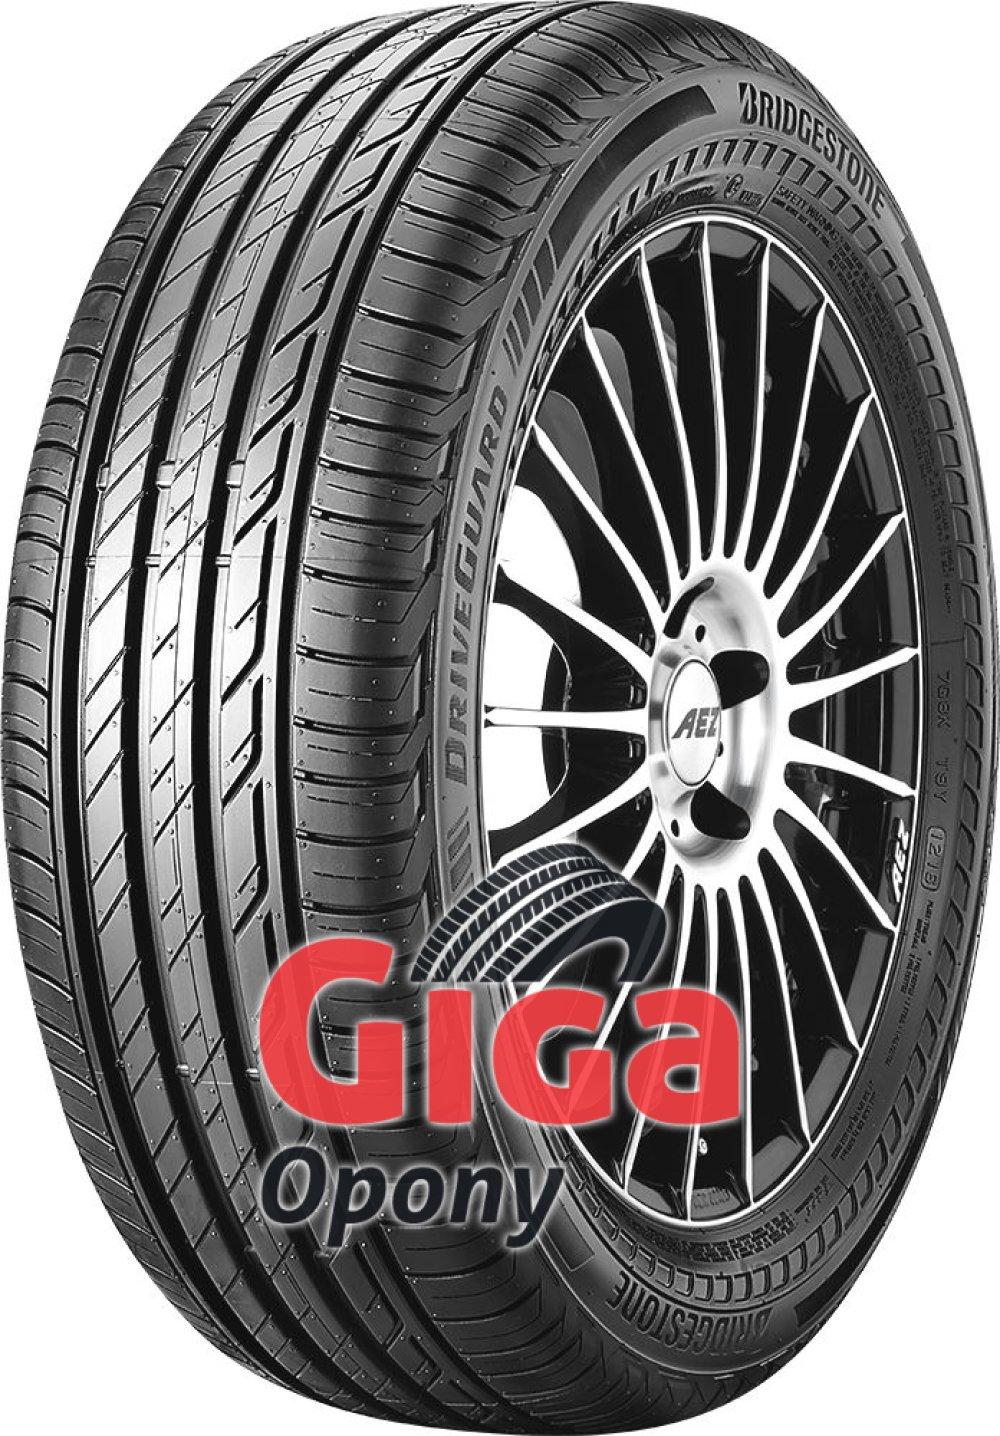 Bridgestone DriveGuard RFT ( 215/55 R16 97W XL DriveGuard, runflat )